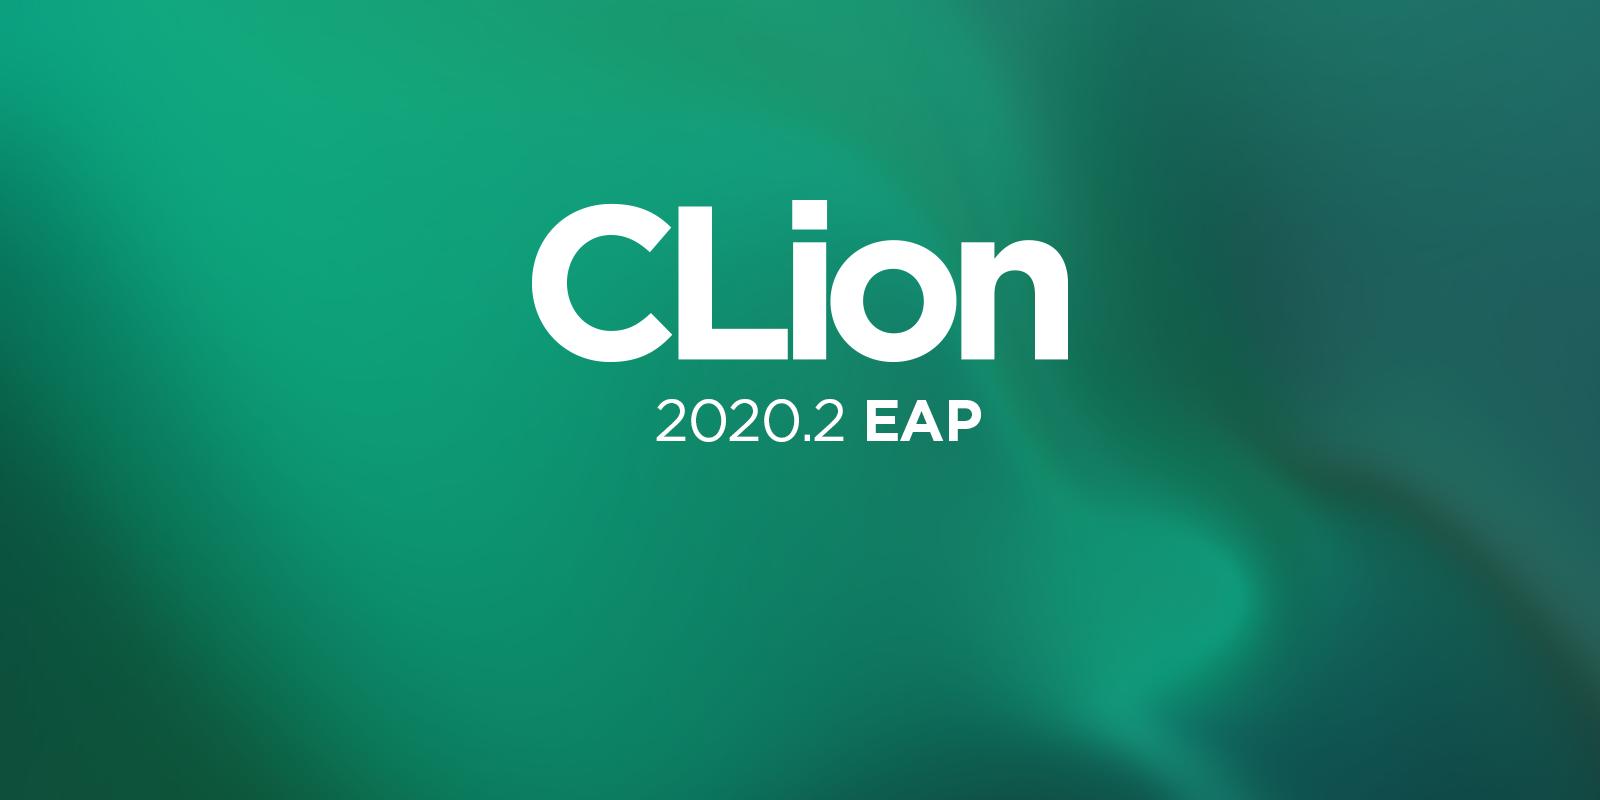 CLion 2020.2 EAP